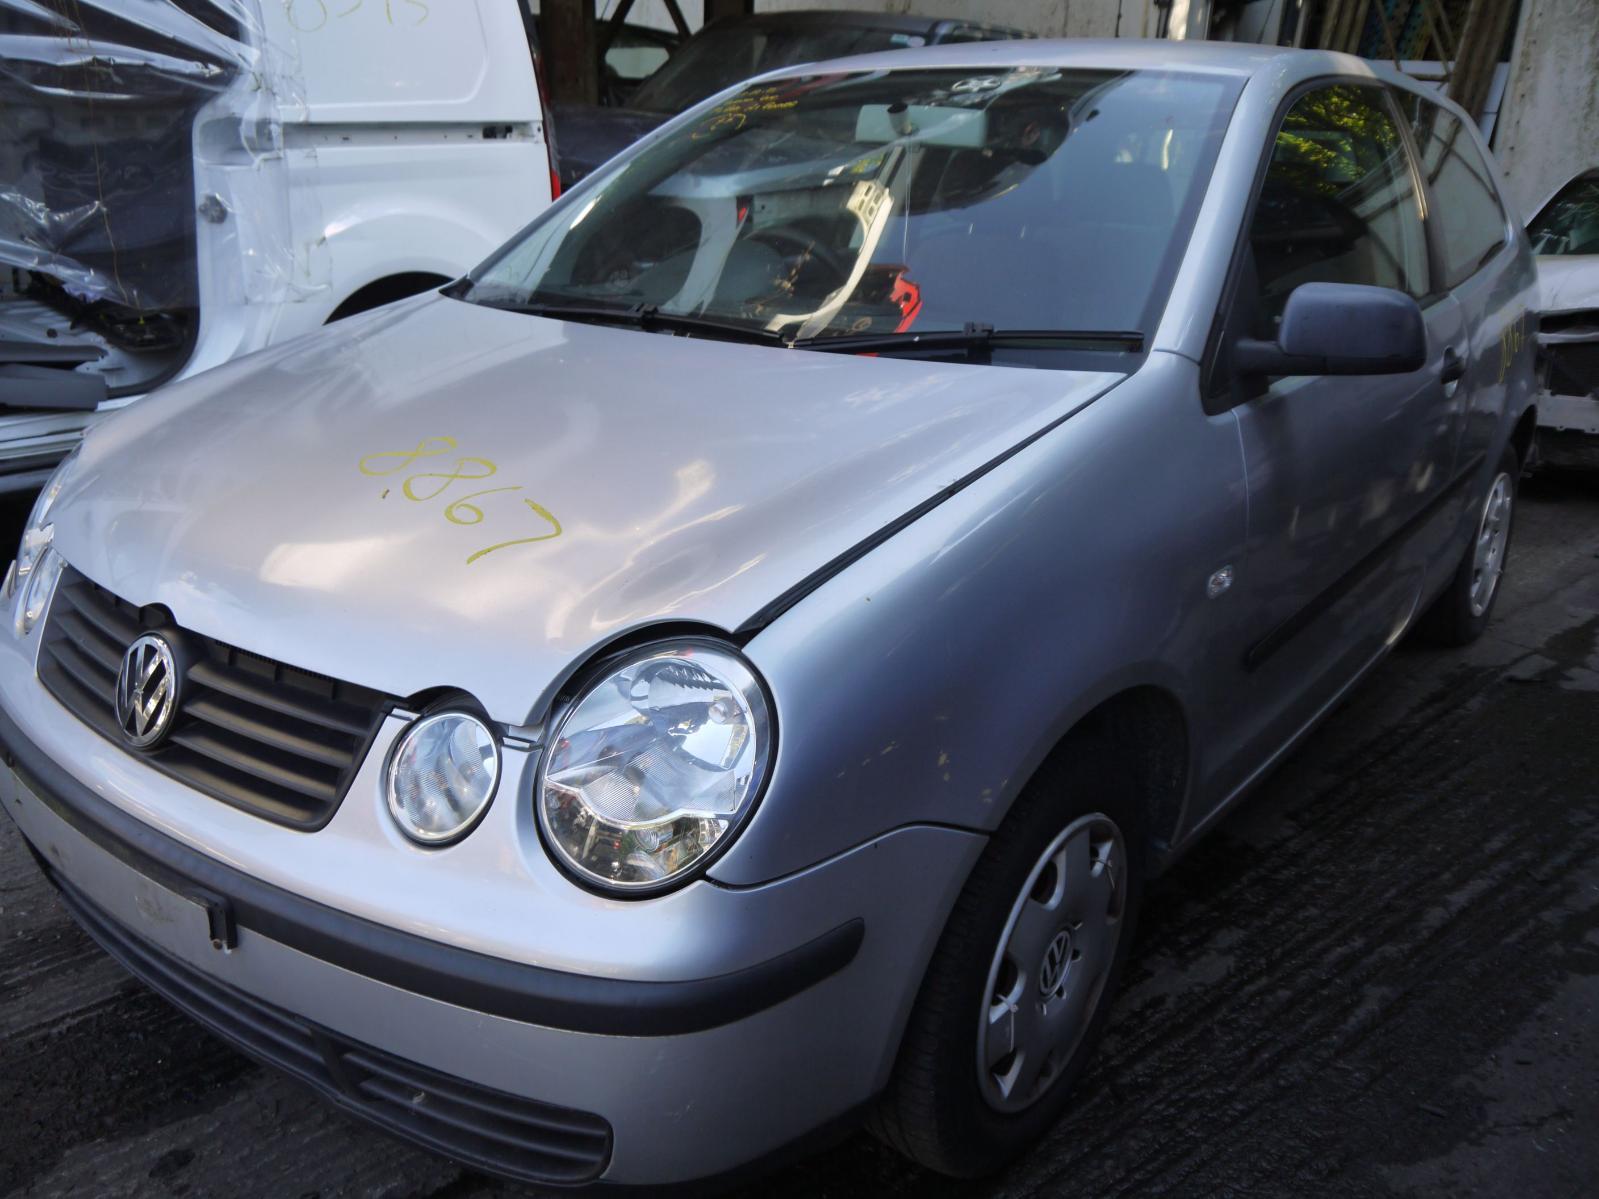 Image for a VOLKSWAGEN POLO 2005 3 Door Hatchback